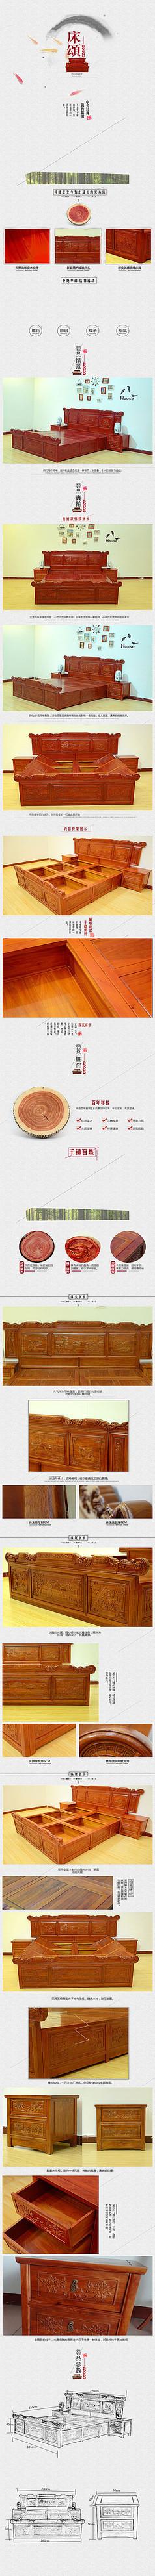 紙紋理中國風家具淘寶詳情PSD分層